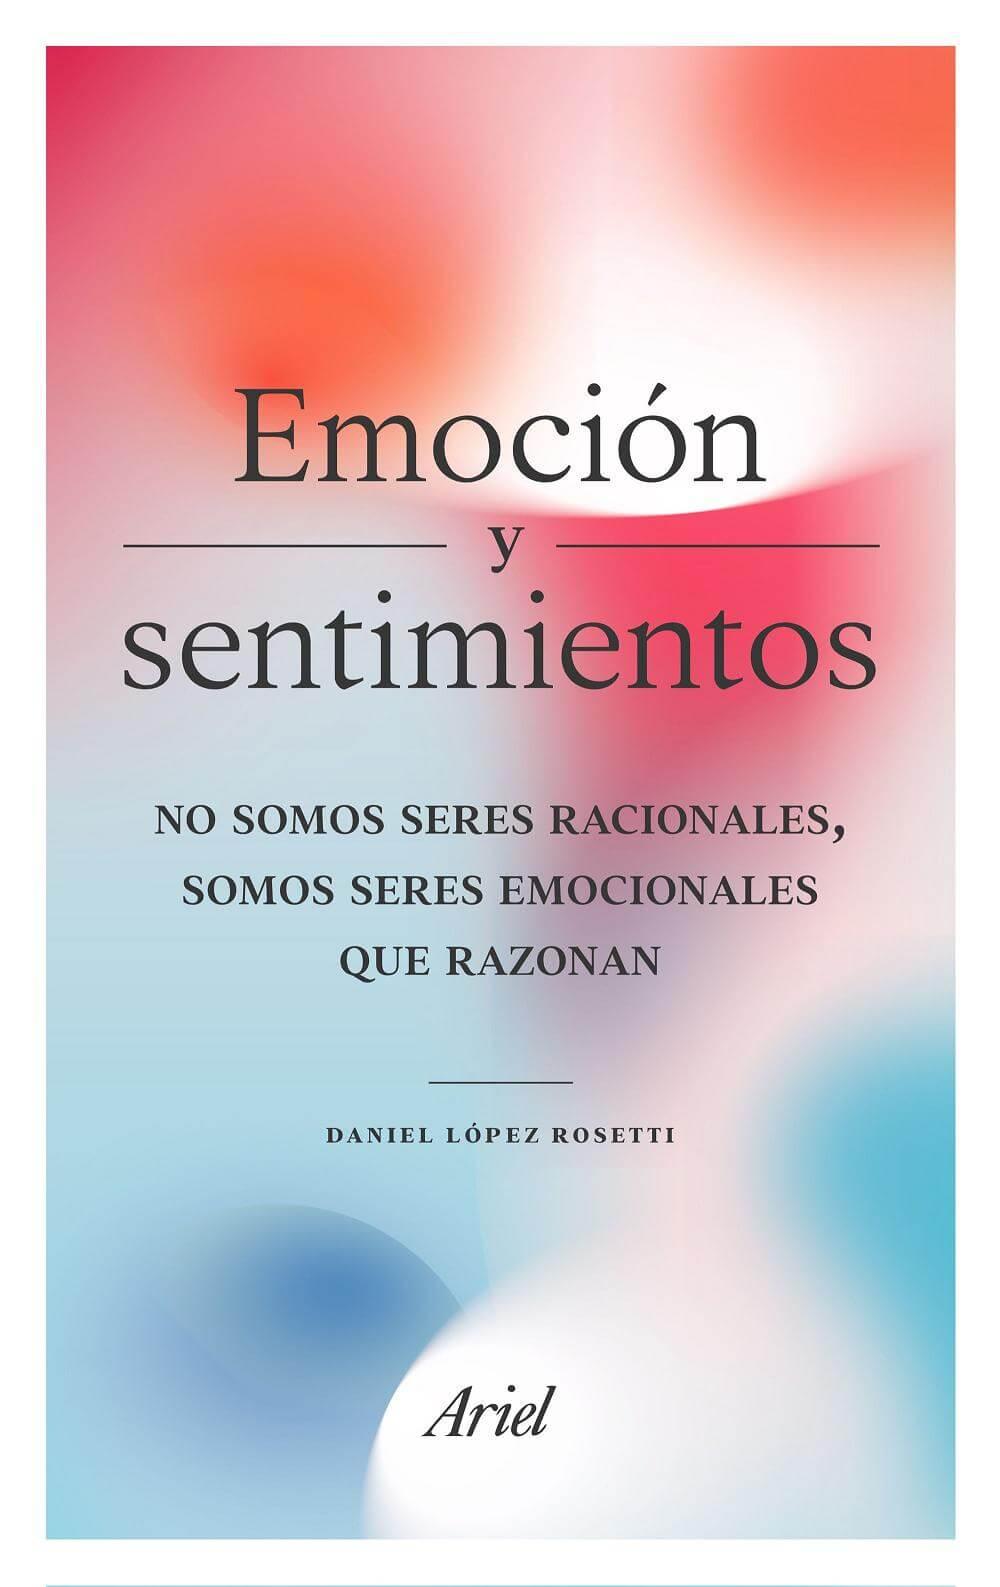 Descargar el libro Emoción y sentimientos (PDF - ePUB)